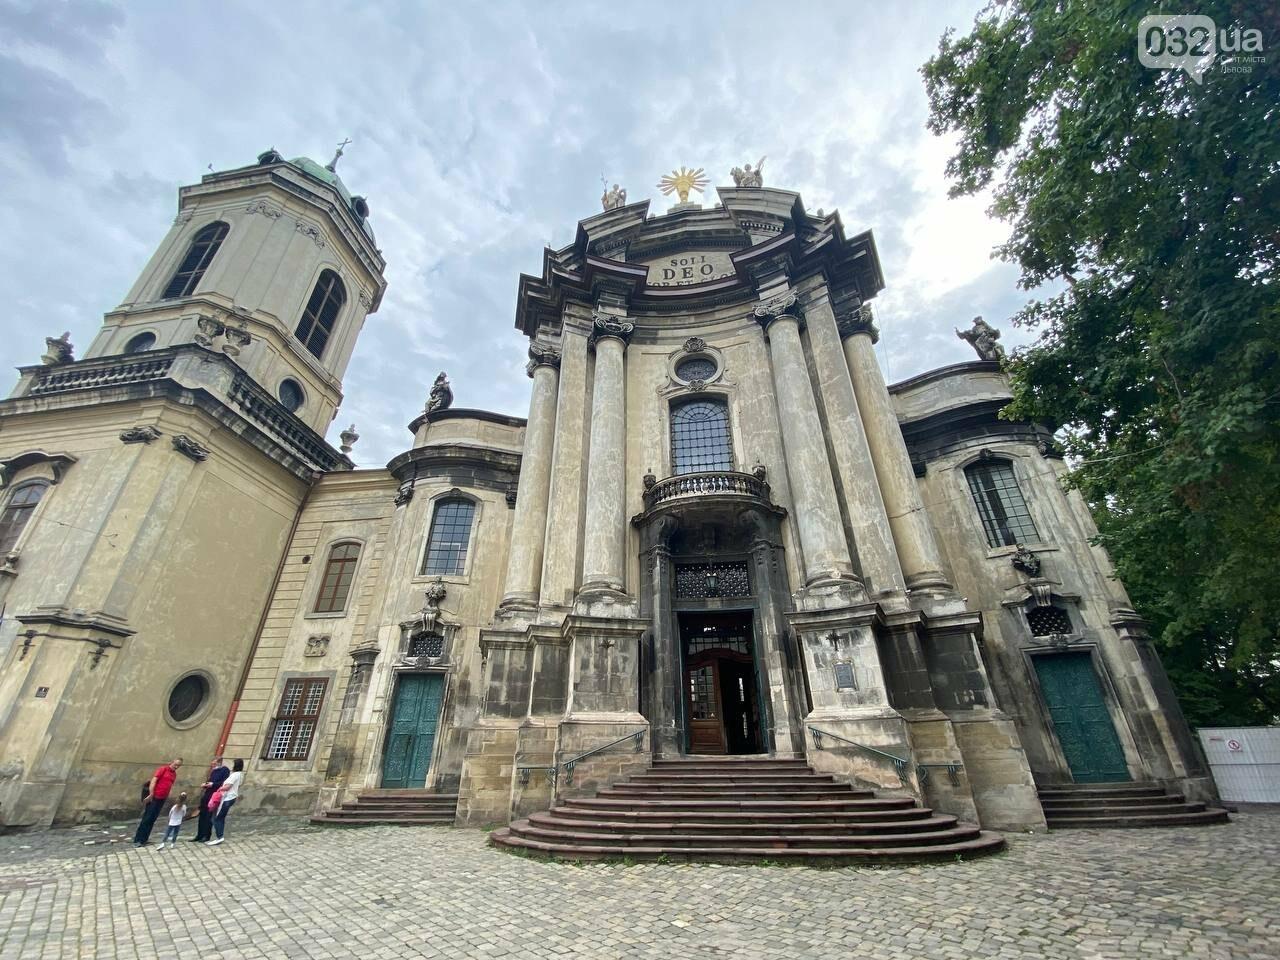 Домініканський собор, Фото: 032.ua